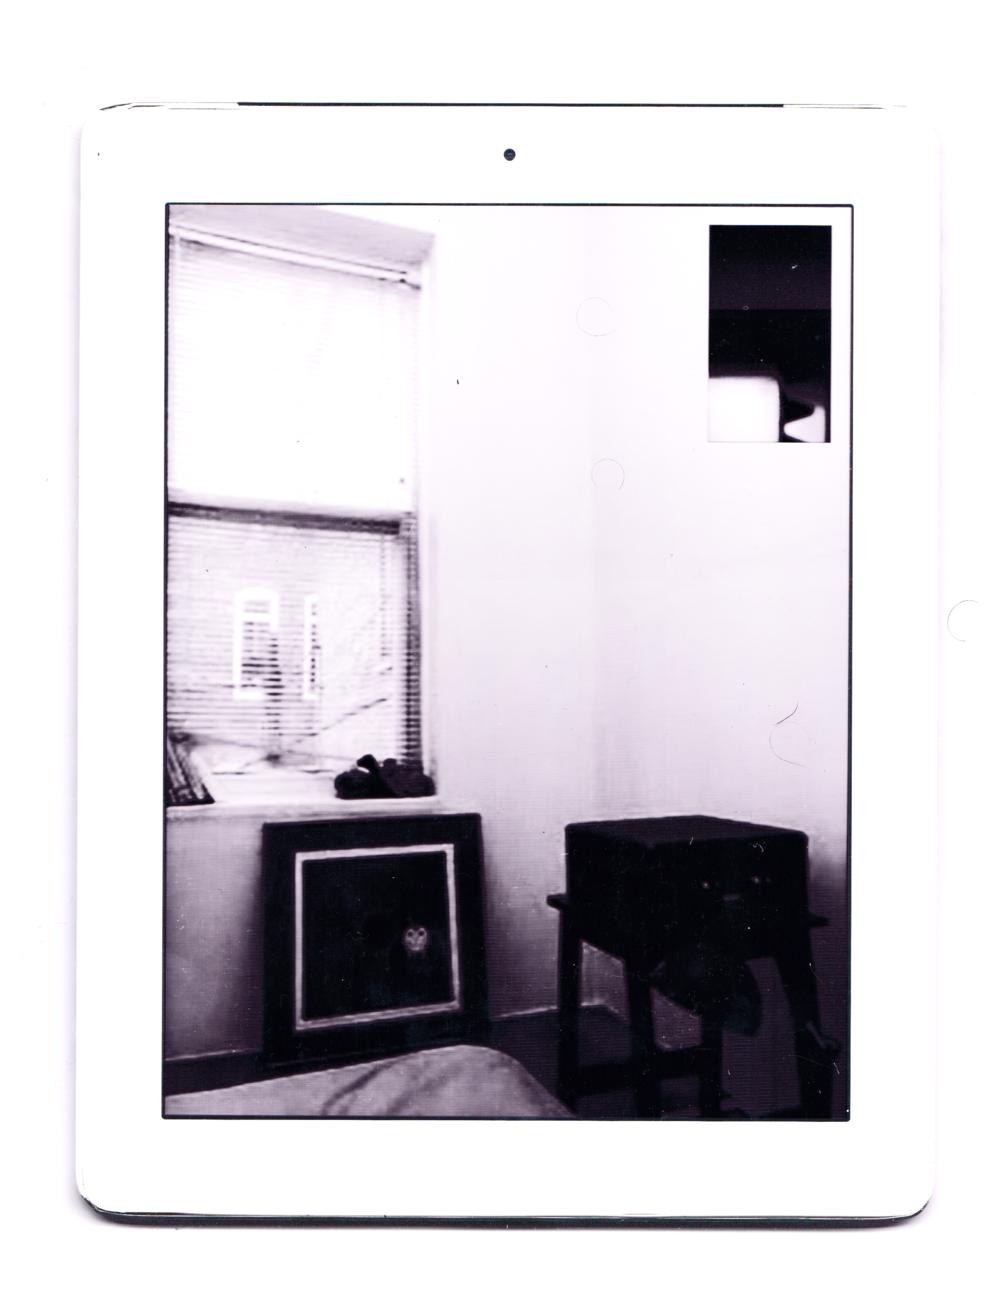 Bedroom copy copy.png